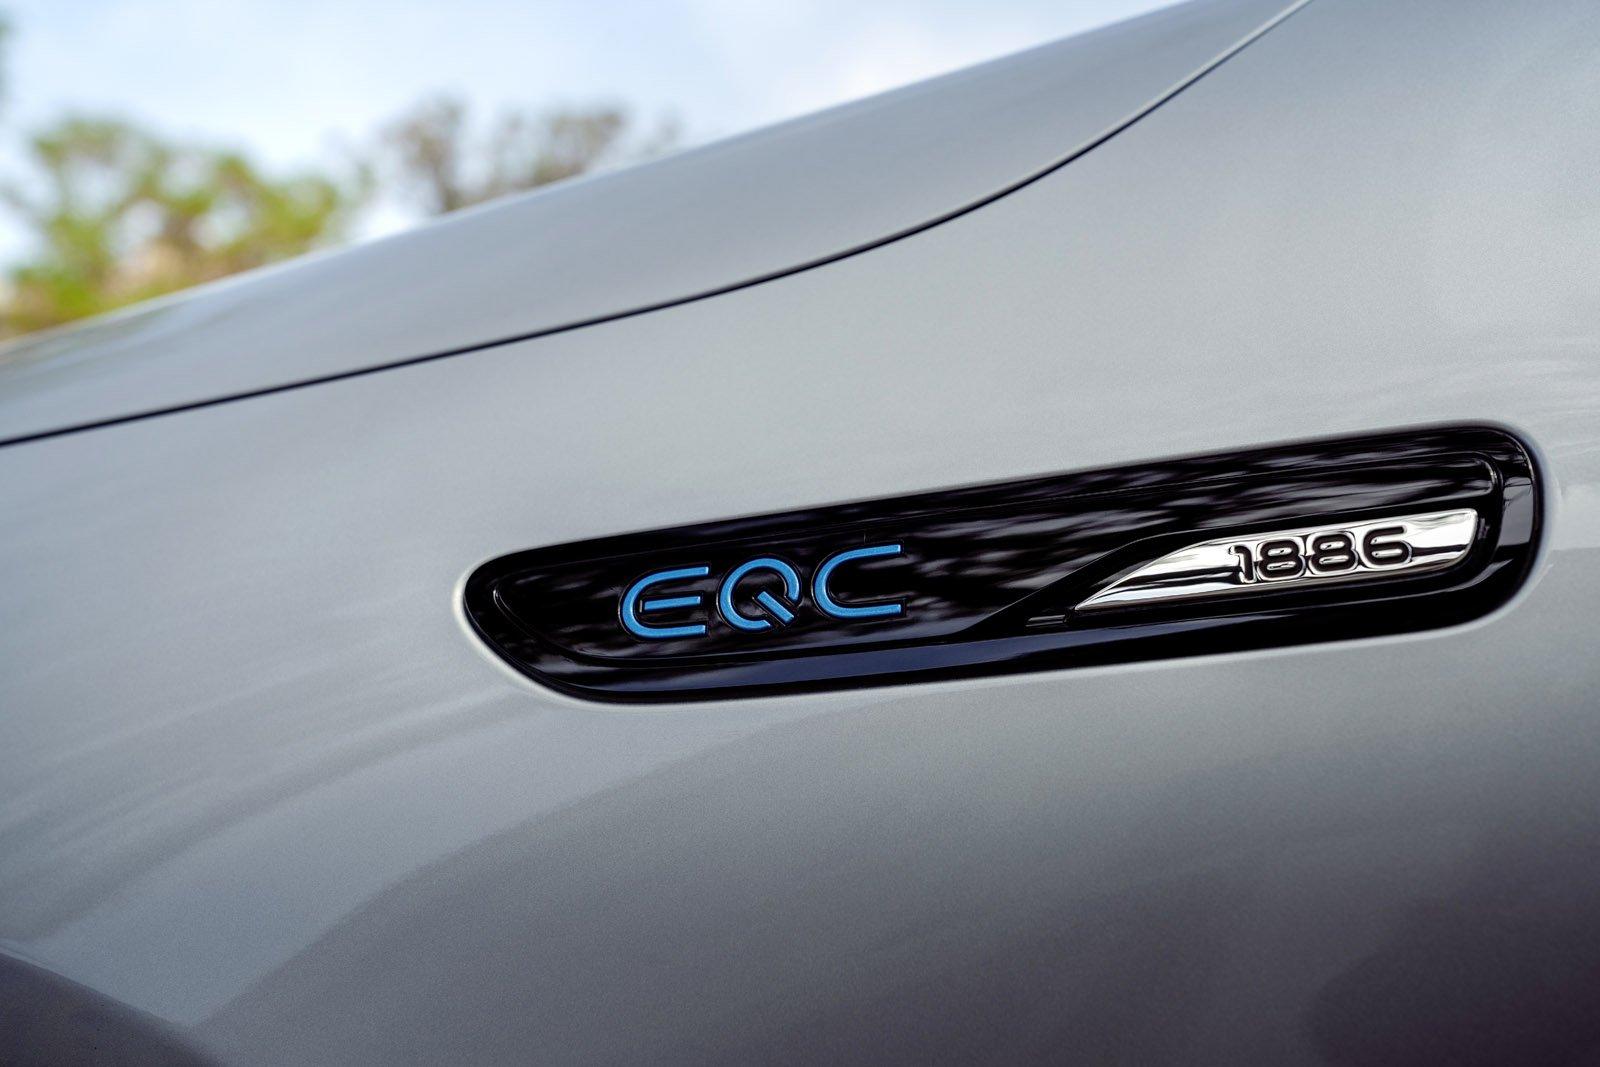 Ein besonderes Auto für einen besonderen Moment: Ein limitiertes Sondermodell markiert den konsequenten Aufbruch von Mercedes-Benz in das Zeitalter der Elektromobilität – die EQC Edition 1886 (Stromverbrauch kombiniert: 20,8 – 19,7 kWh/100 km; CO2-Emissionen kombiniert: 0 g/km)*. Mit der EQC Edition 1886 unterstreicht die Marke mit dem Stern, dass ihre Idee von einer Mobilität der Zukunft weit über Fahrzeuge hinausgeht. *Stromverbrauch und Reichweite wurden auf der Grundlage der VO 692/2008/EG ermittelt. Stromverbrauch und Reichweite sind abhängig von der Fahrzeugkonfiguration;Stromverbrauch kombiniert: 20,8 – 19,7 kWh/100 km; CO2-Emissionen kombiniert: 0 g/km* A special car for a special moment: A limited special edition marks Mercedes-Benz's resolute departure into the era of electric mobility – the EQC Edition 1886 (combined electric energy consumption: 20.8 – 19.7 kWh/100 km; combined CO2 emissions: 0 g/km)*. With the EQC Edition 1886, the brand with the star is emphasizing that its idea of future mobility goes well beyond vehicles themselves. *Electric energy consumption and range have been determined on the basis of Regulation (EC) No. 692/2008. Electric energy consumption and range depend on the vehicle configuration.;Combined electric energy consumption: 20.8 – 19.7 kWh/100 km; combined CO2 emissions: 0 g/km*